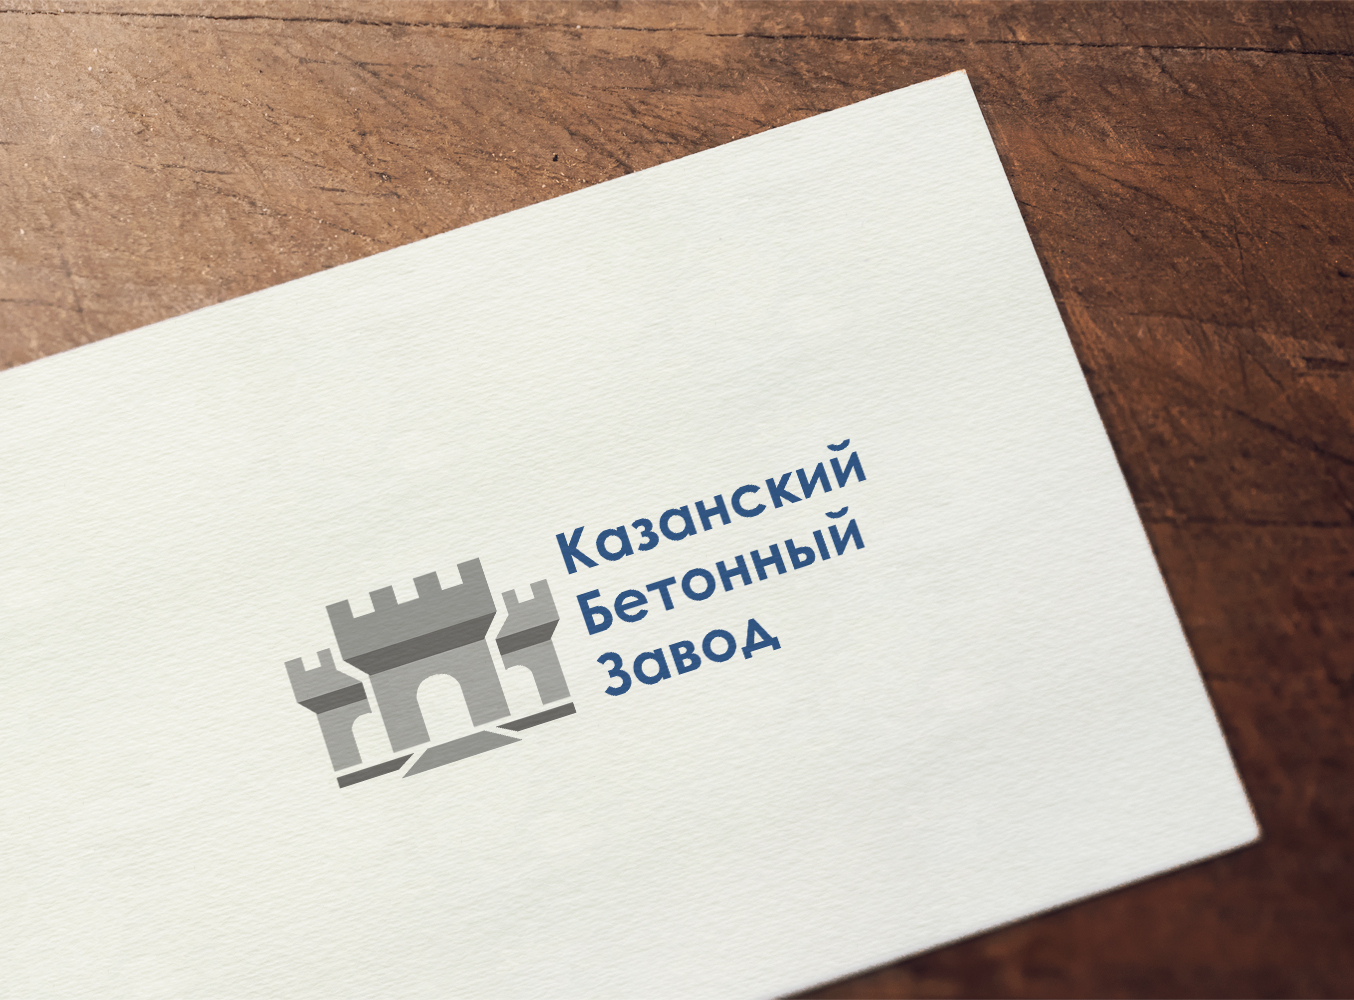 Казанский Бетонный Завод